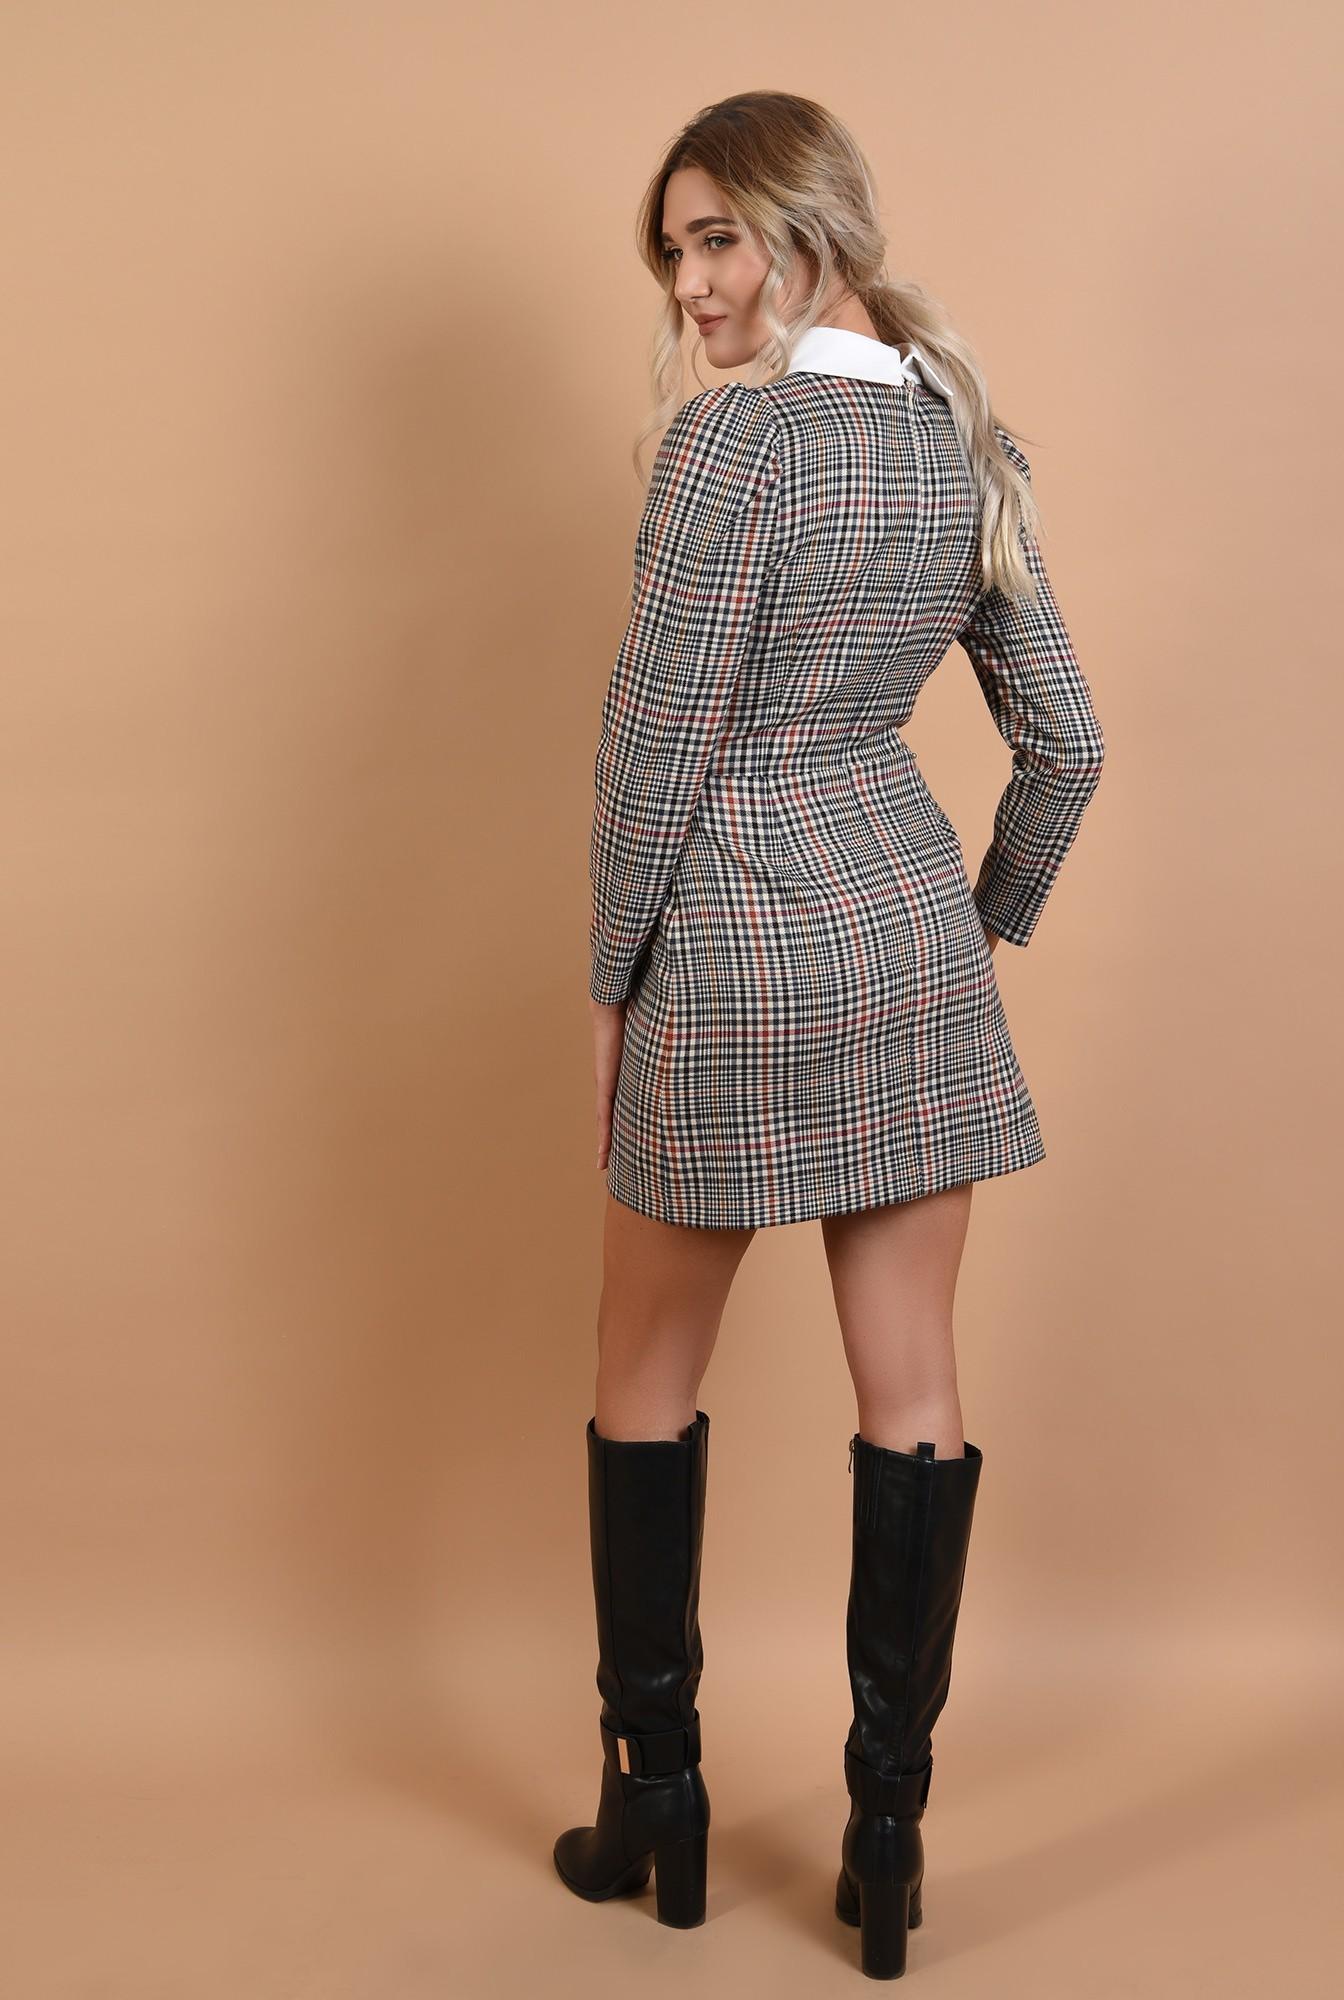 1 - rochie in carouri, cu guler, rochie de zi, scurta, cambrata